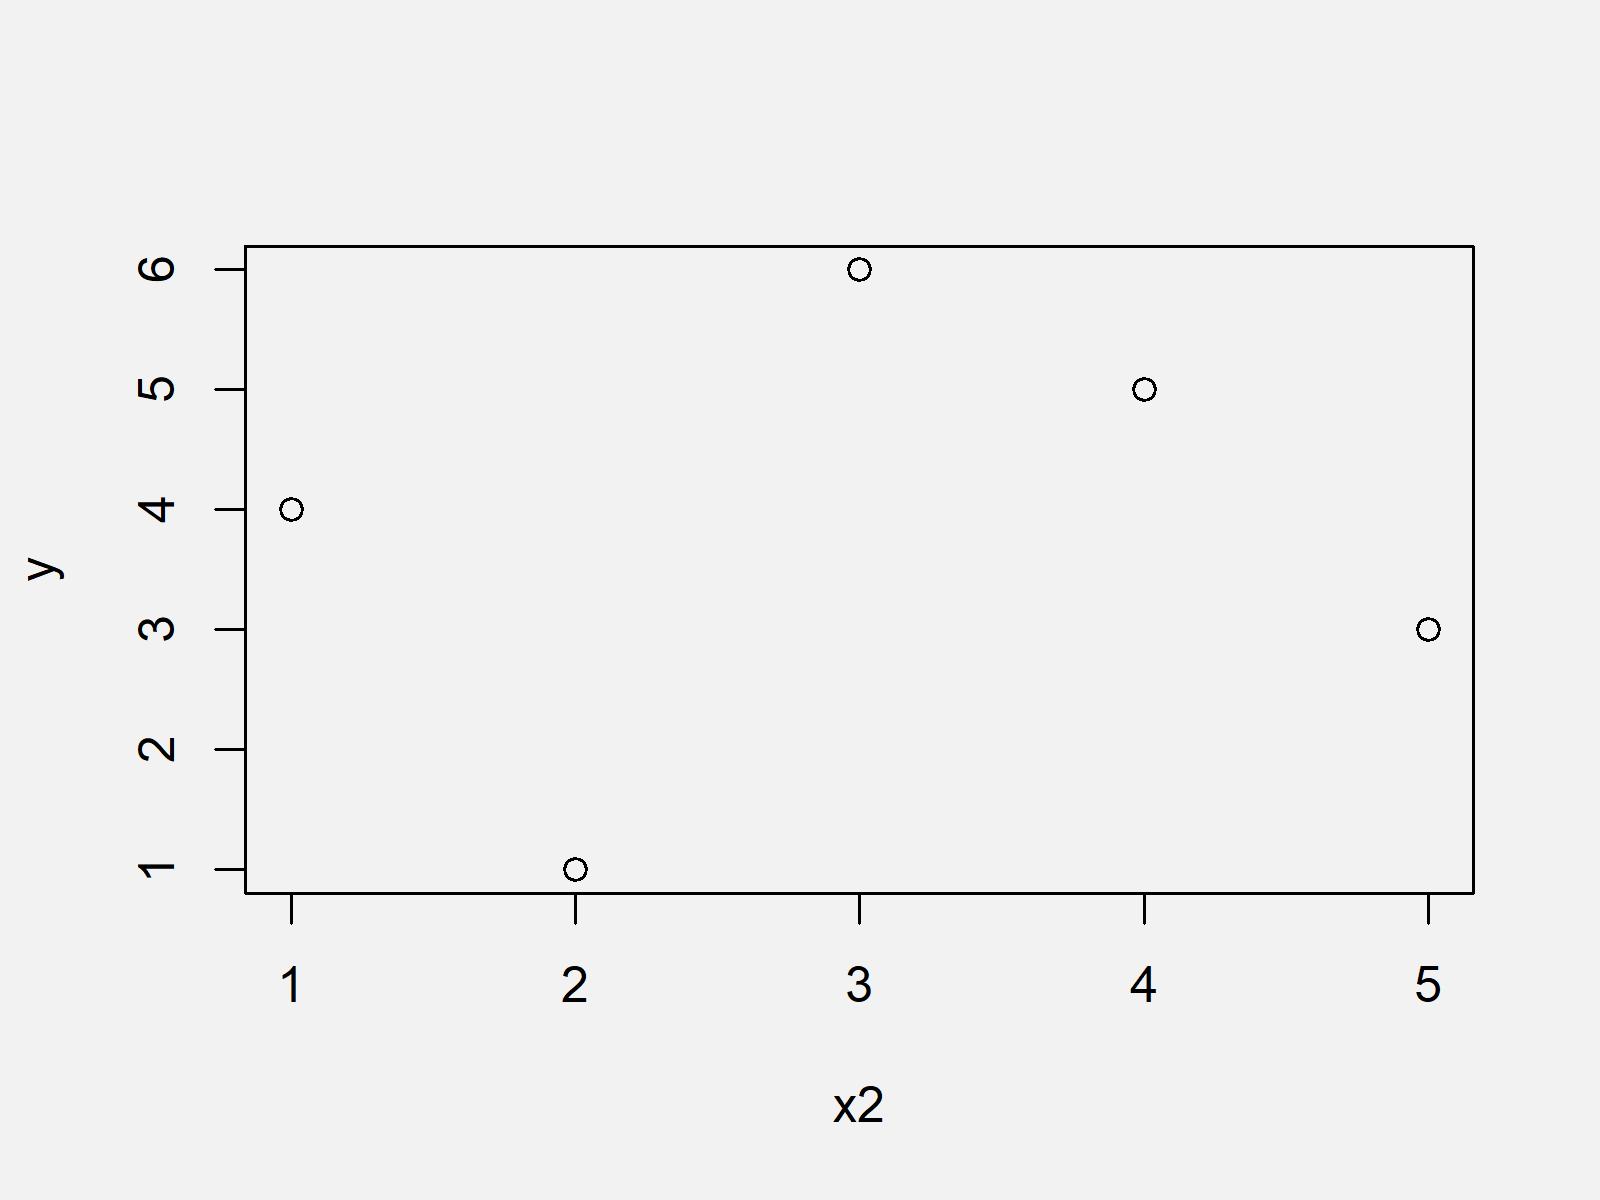 r graph figure 1 plot error need finite xlim values r